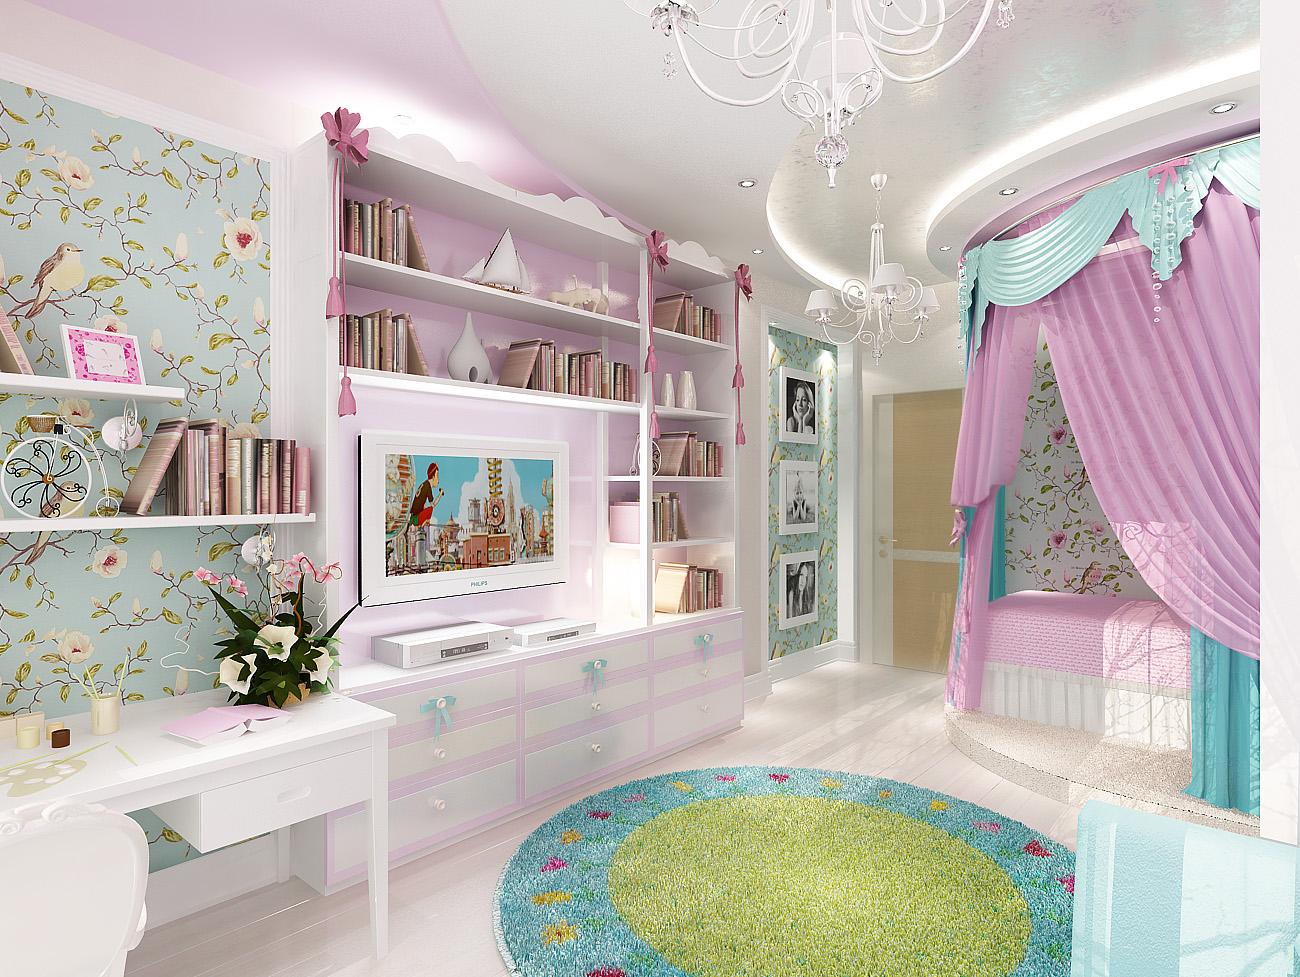 Дизайн-проект детской комнаты 21 кв. м в классическом стиле для девочки 7 лет